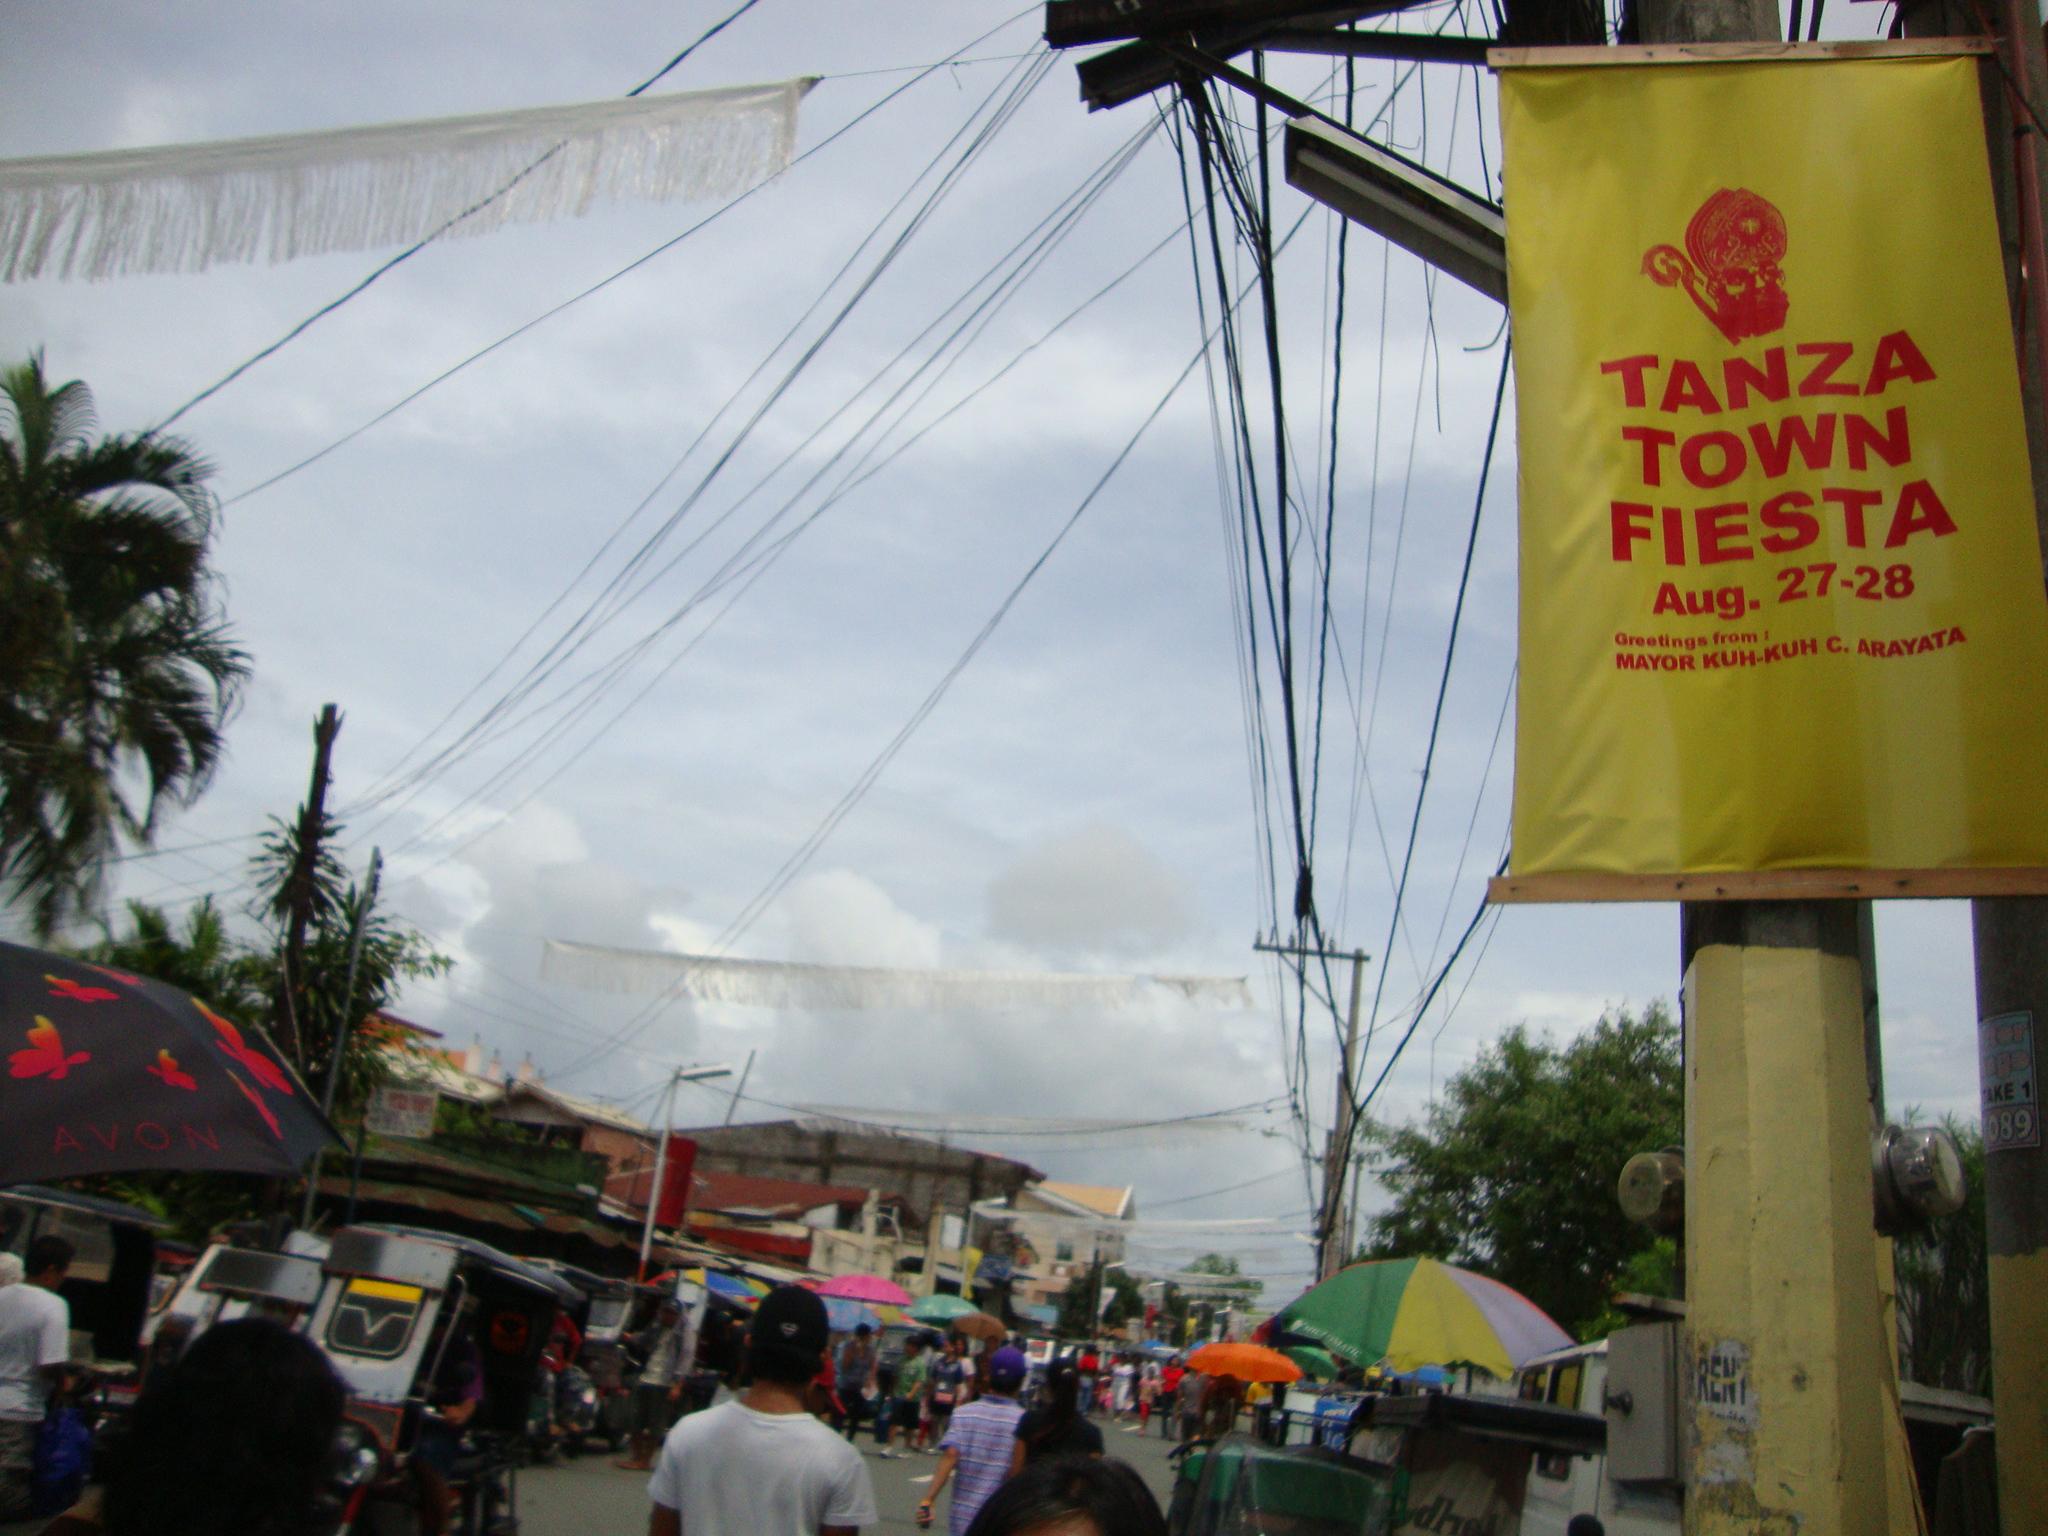 Tanza fiesta 2011 tanza cavite filipino escribbles tanza fiesta 2011 tanza cavite m4hsunfo